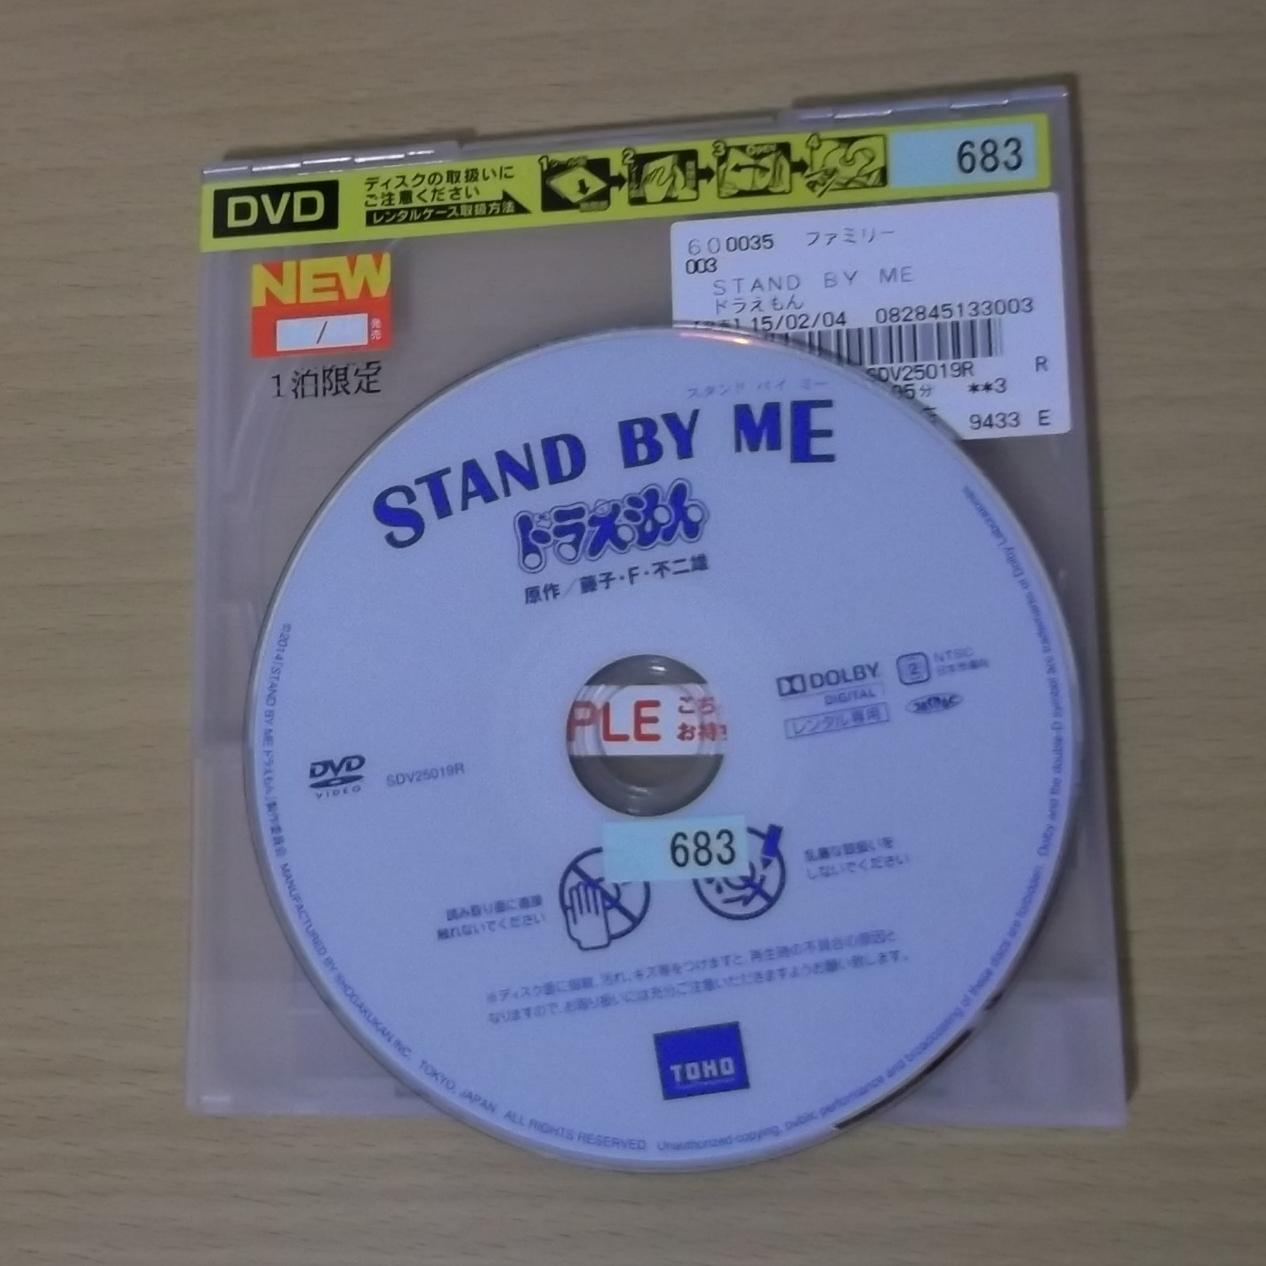 DVD・Blu-rayを店でレンタルするメリットとデメリットとは ...